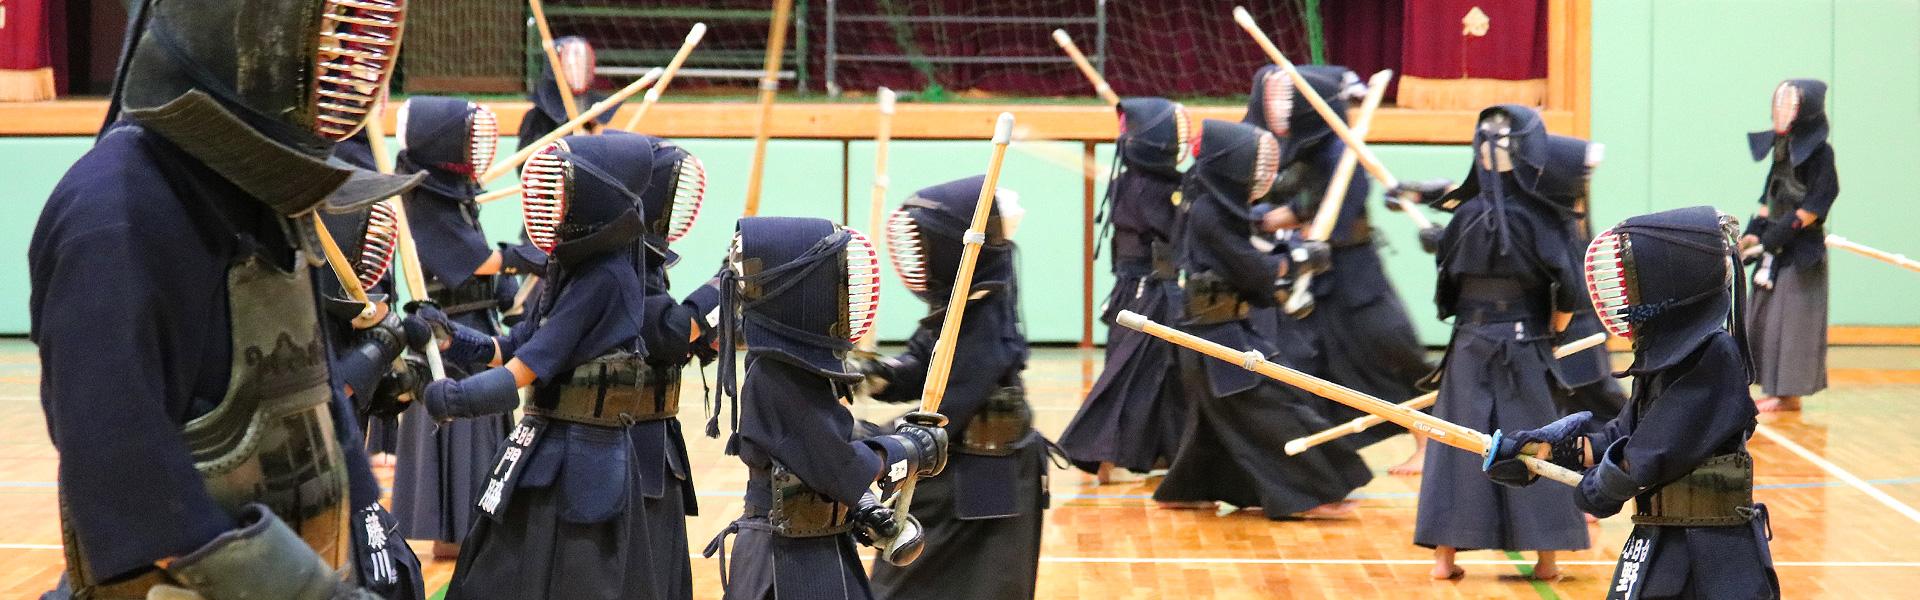 神戸・明石で剣道を始めるなら春日台剣友会へ